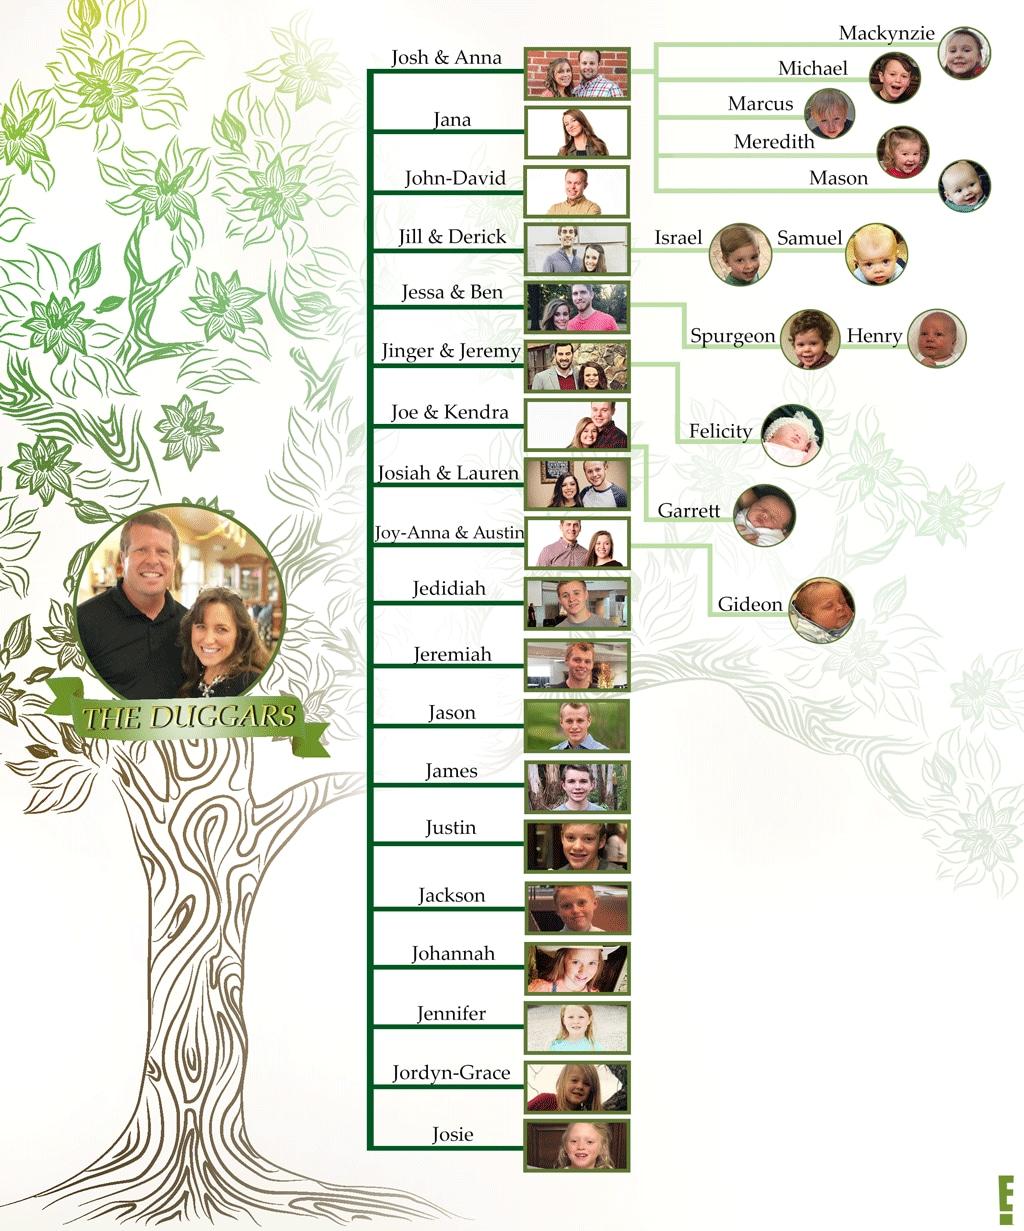 Updated Duggars Family Tree